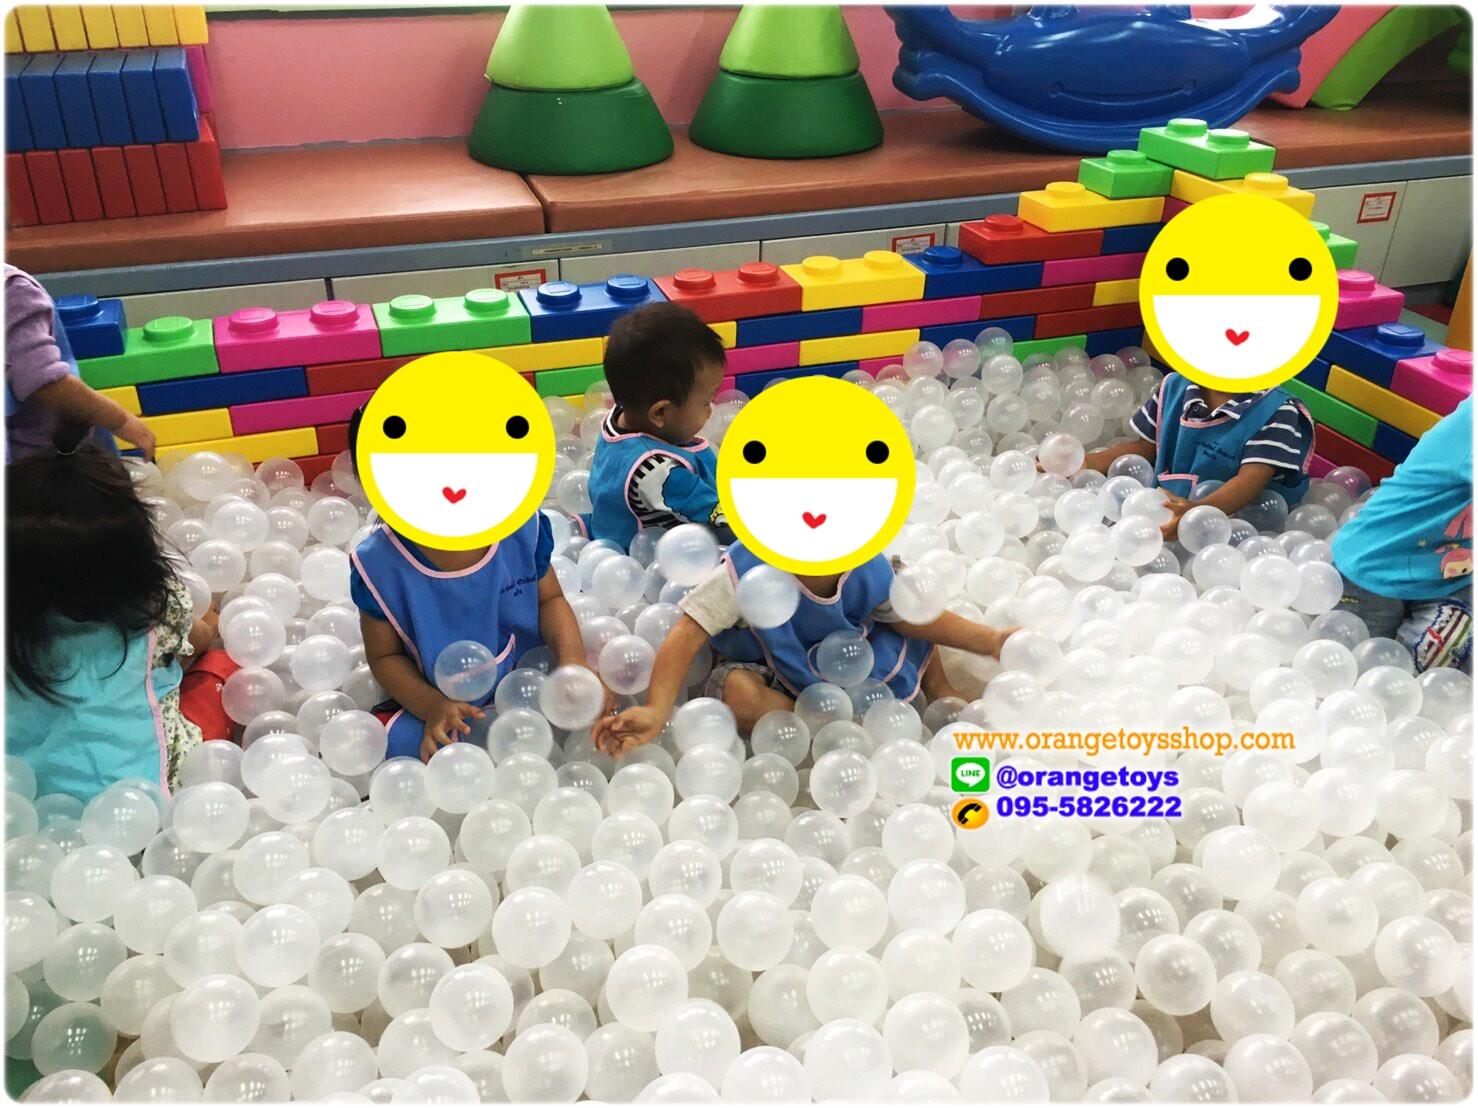 """(ลูกบอล บอลนิ่ม) (285) บอลนิ่ม ลูกบอล ขนาด 3"""" ลูกบอลใส Snow Ball Antibacterial จำนวน 285 ลูก"""